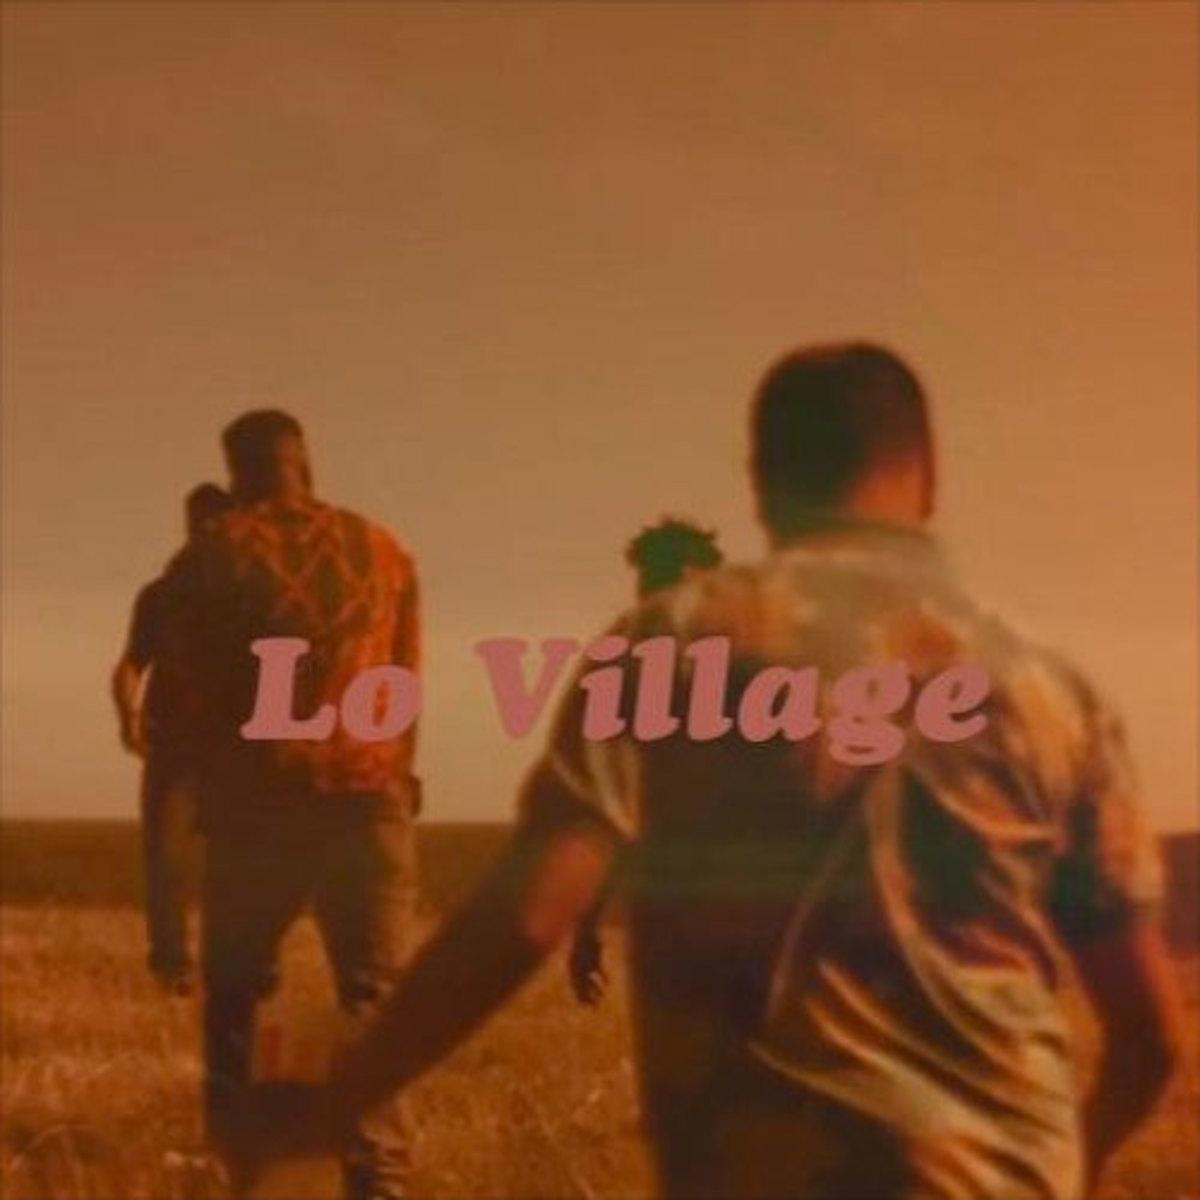 lo-village.jpg